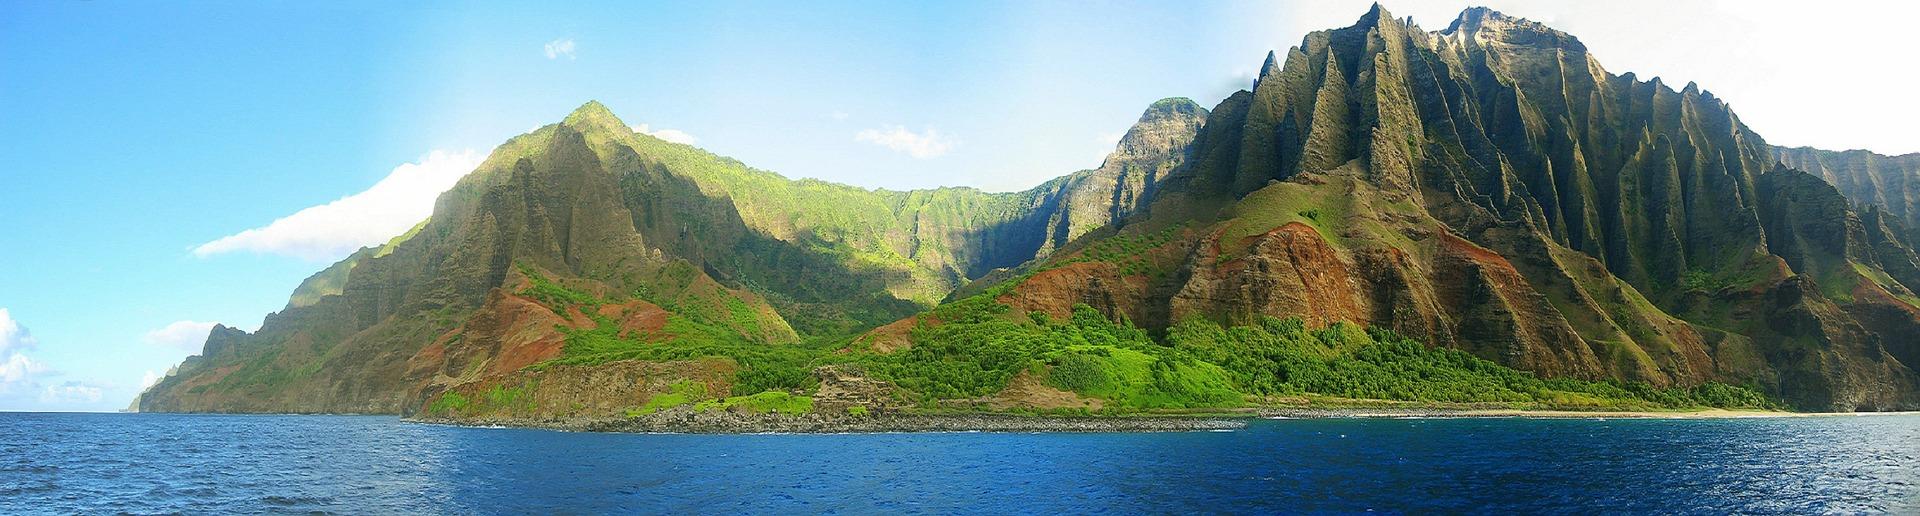 Panorama in Kauai